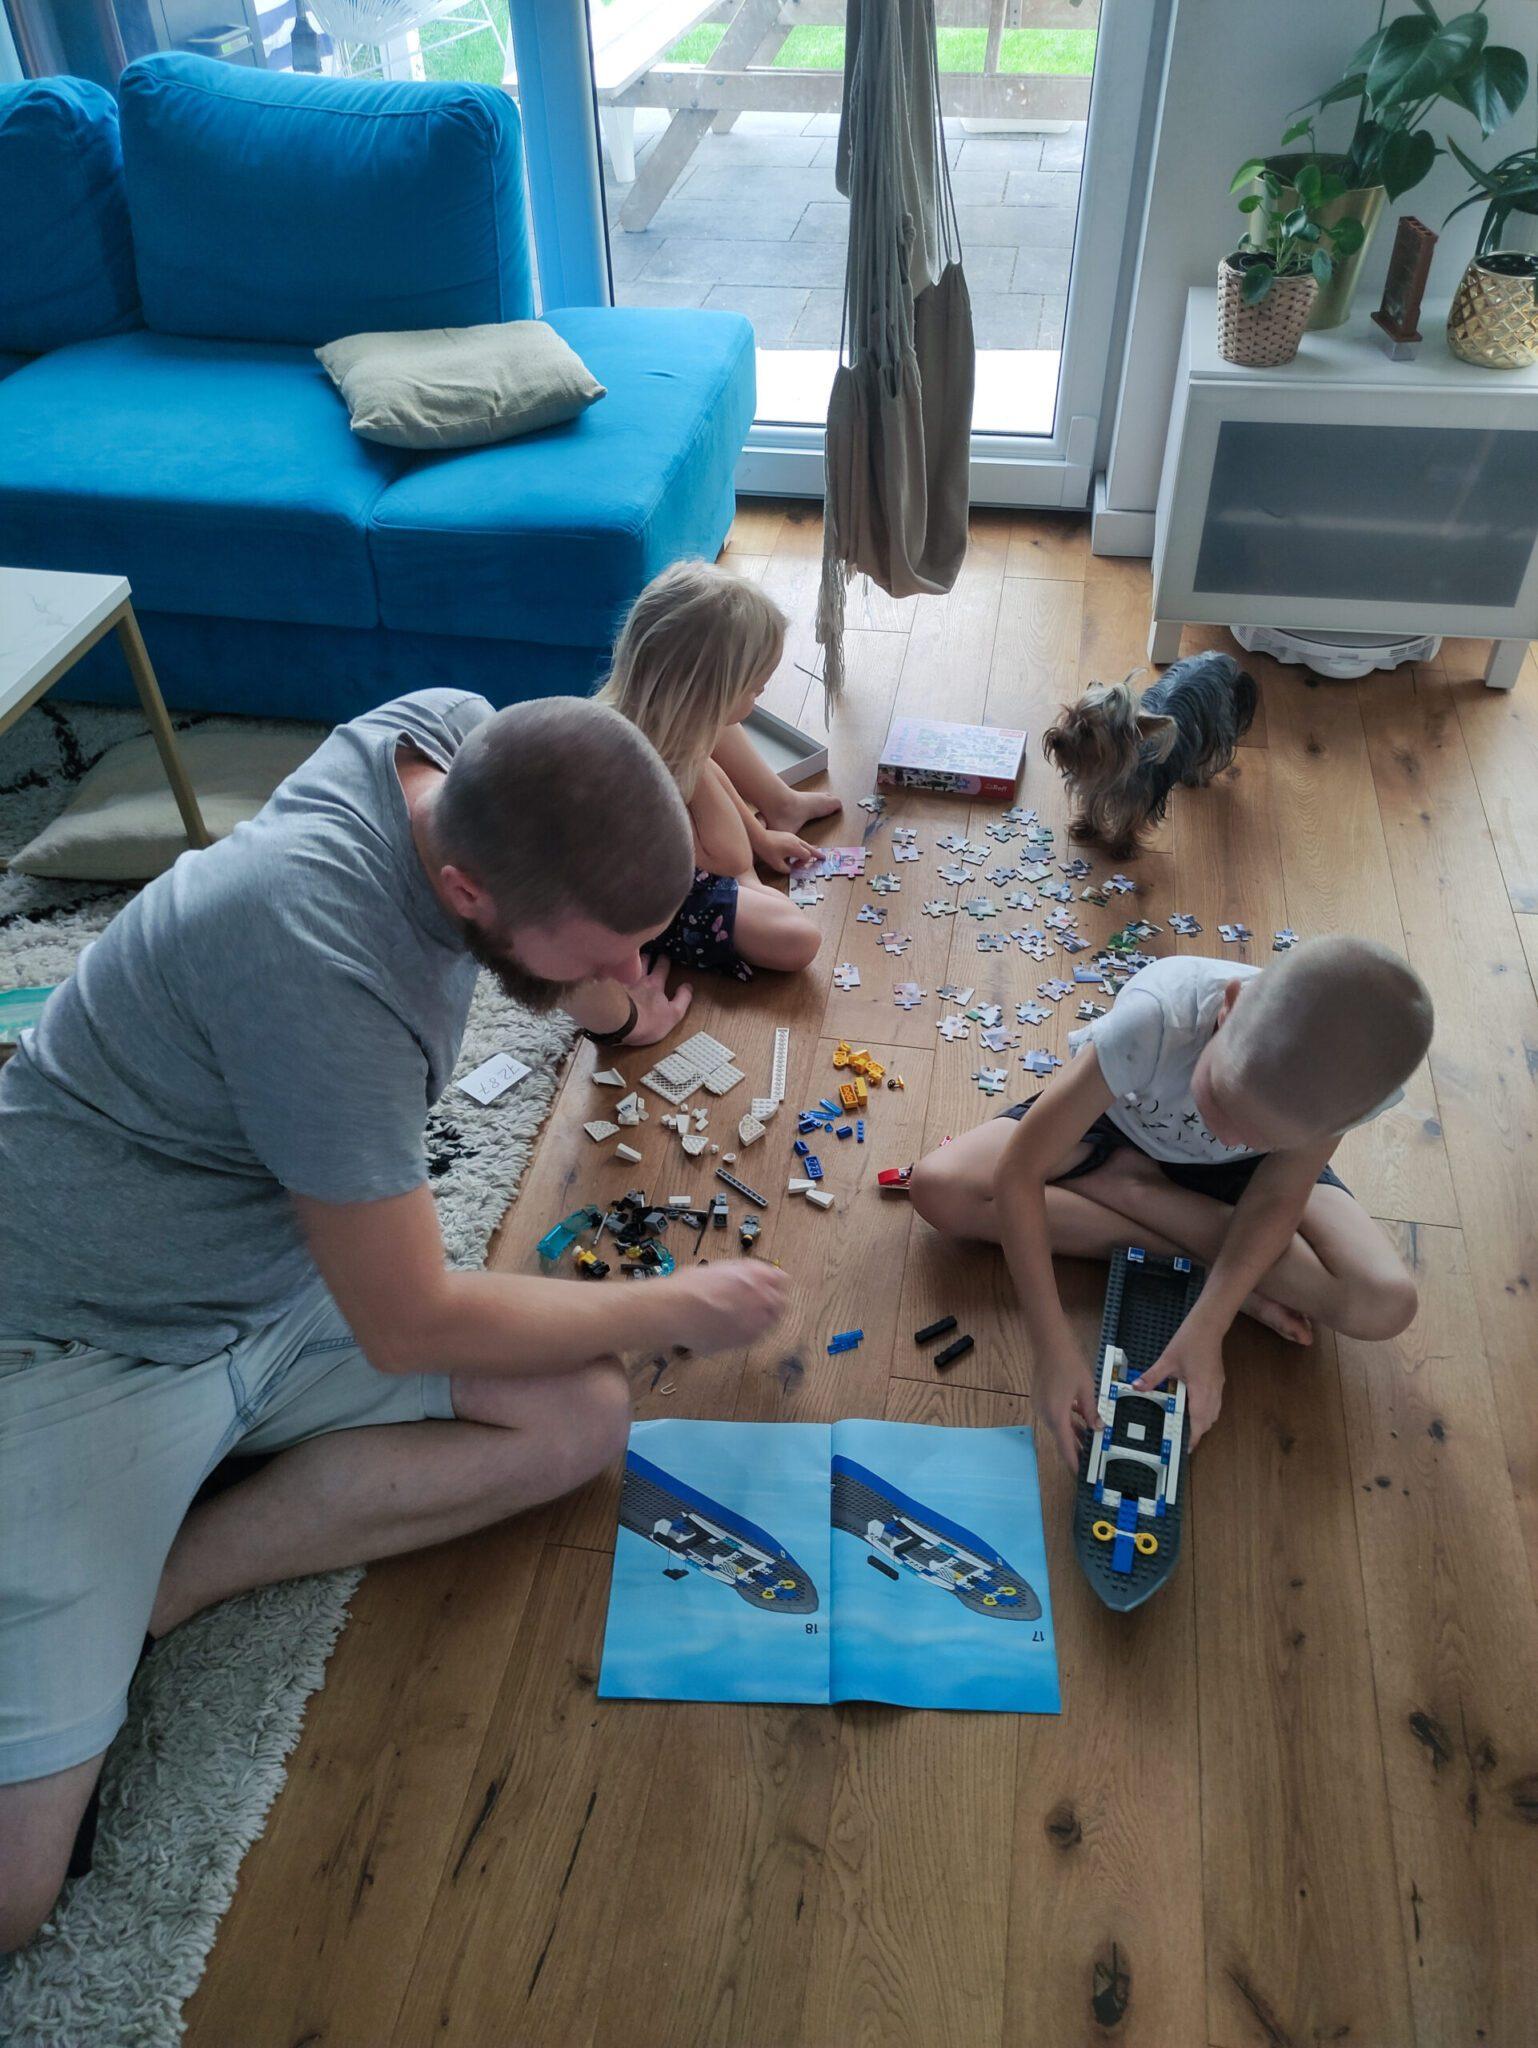 Klocki Lego Jak Kupować je sprytnie